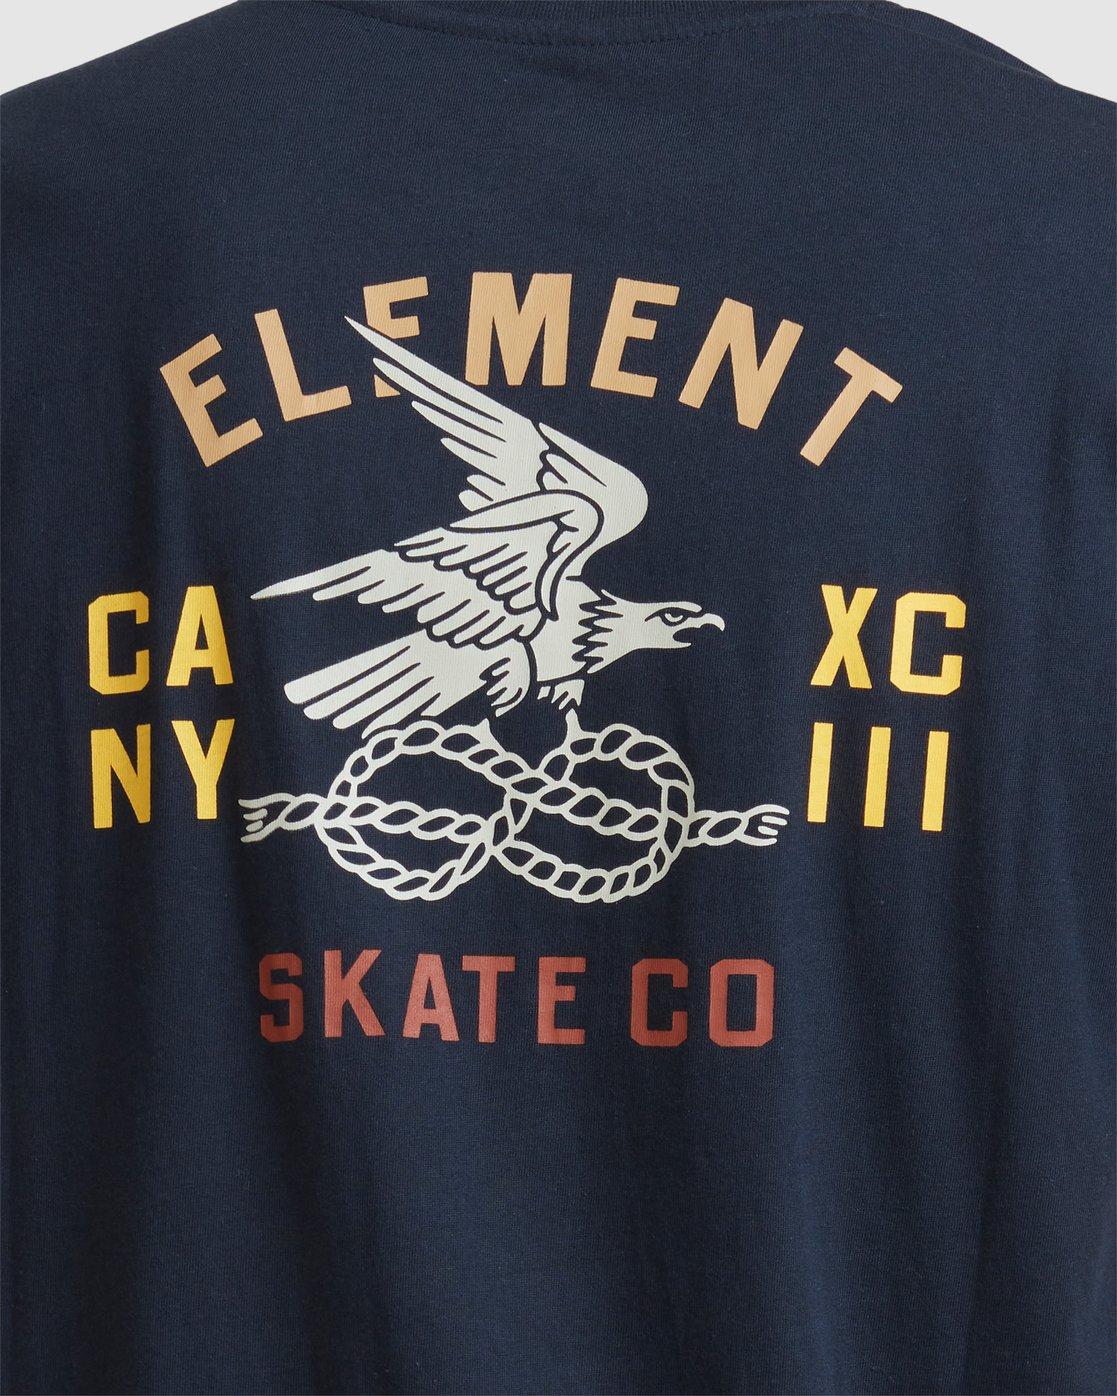 4 CA NY EAGLE SS TEE Blue 117005 Element